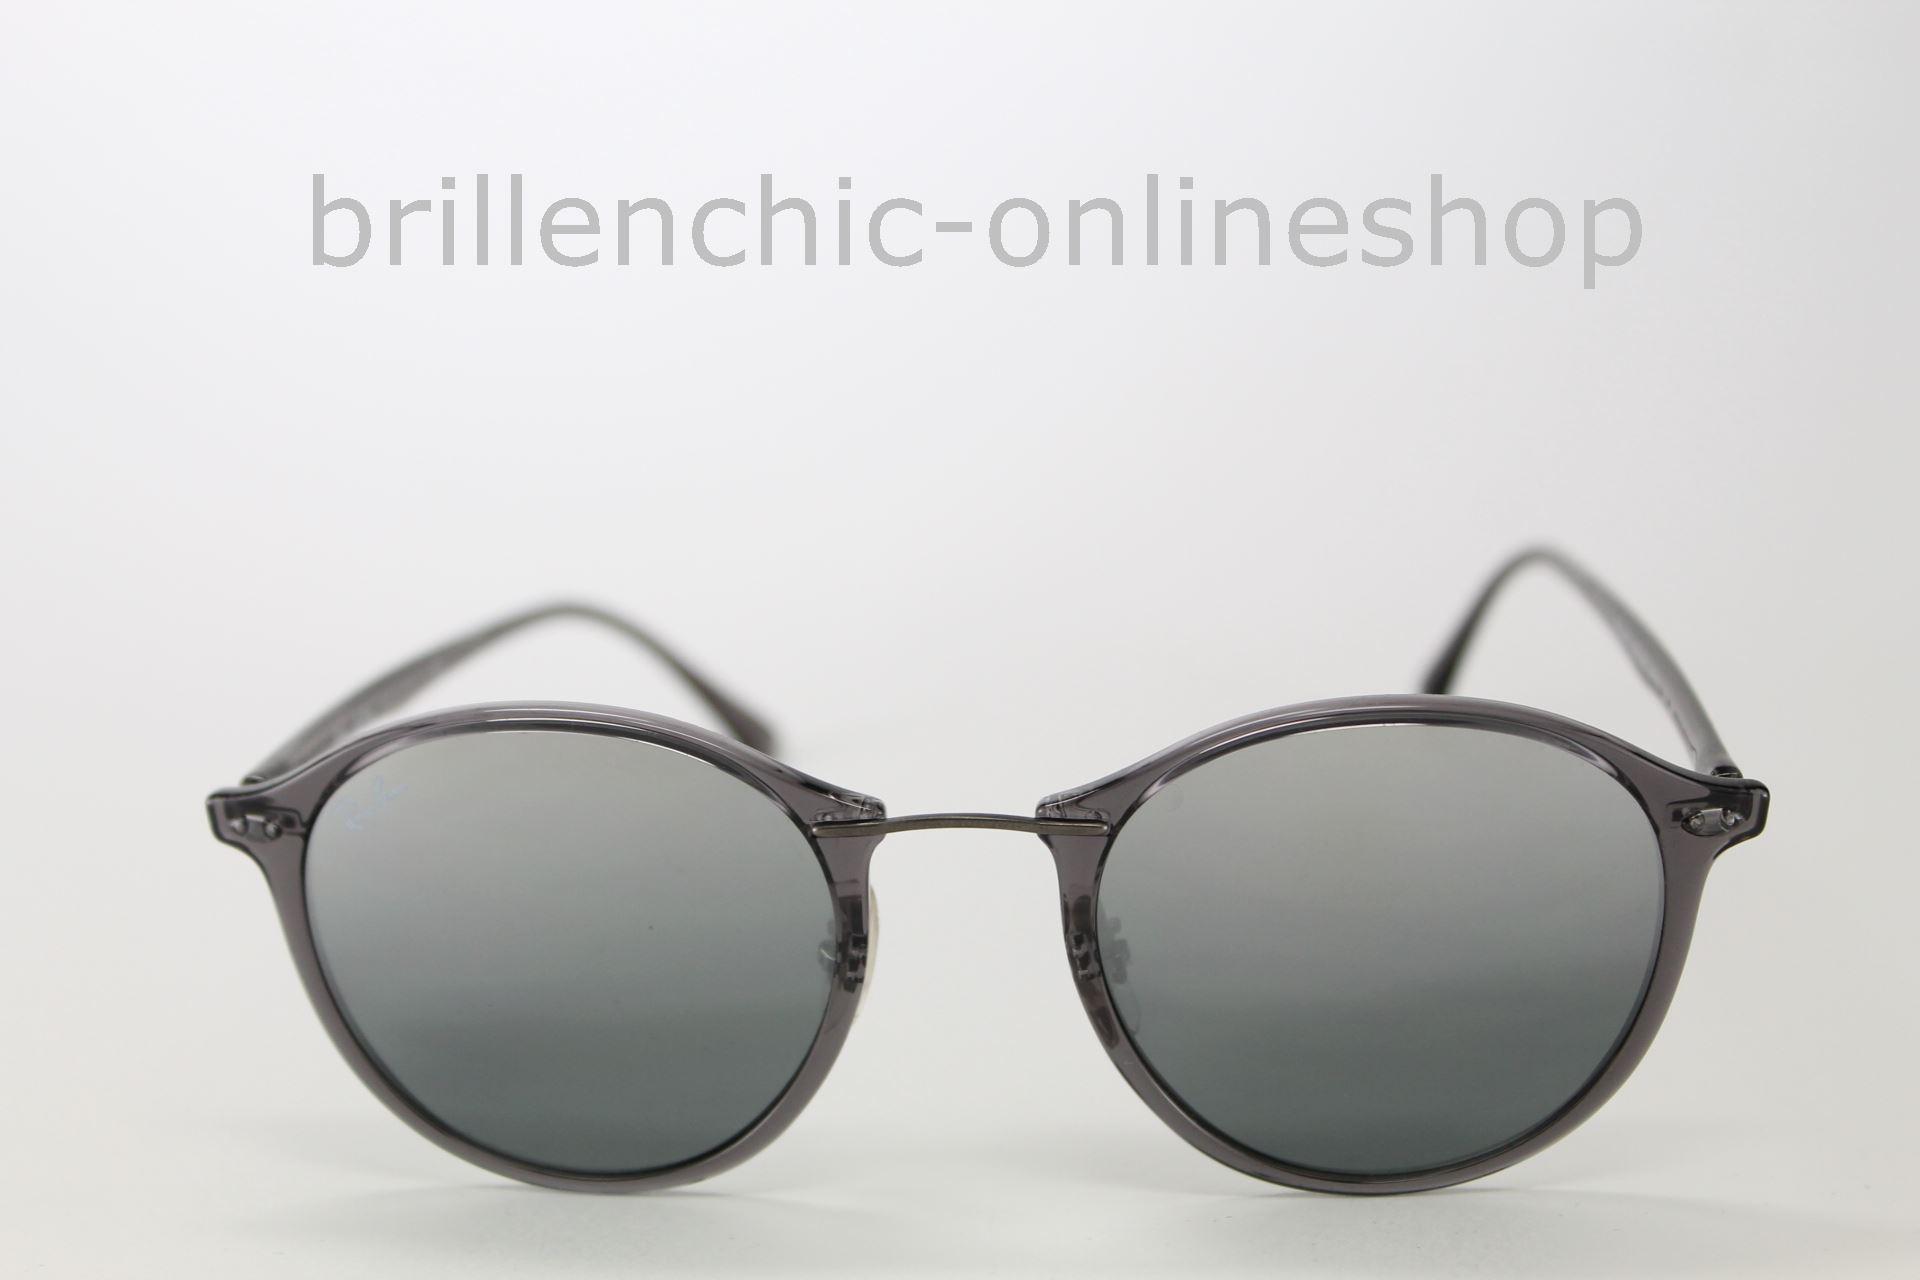 e8ddaef979 Brillenchic - onlineshop Berlin Ihr starker Partner für exklusive Brillen  online kaufen Ray Ban ROUND II LIGHT RAY RB 4242 6200 88 exklusiv im  Brillenchic- ...